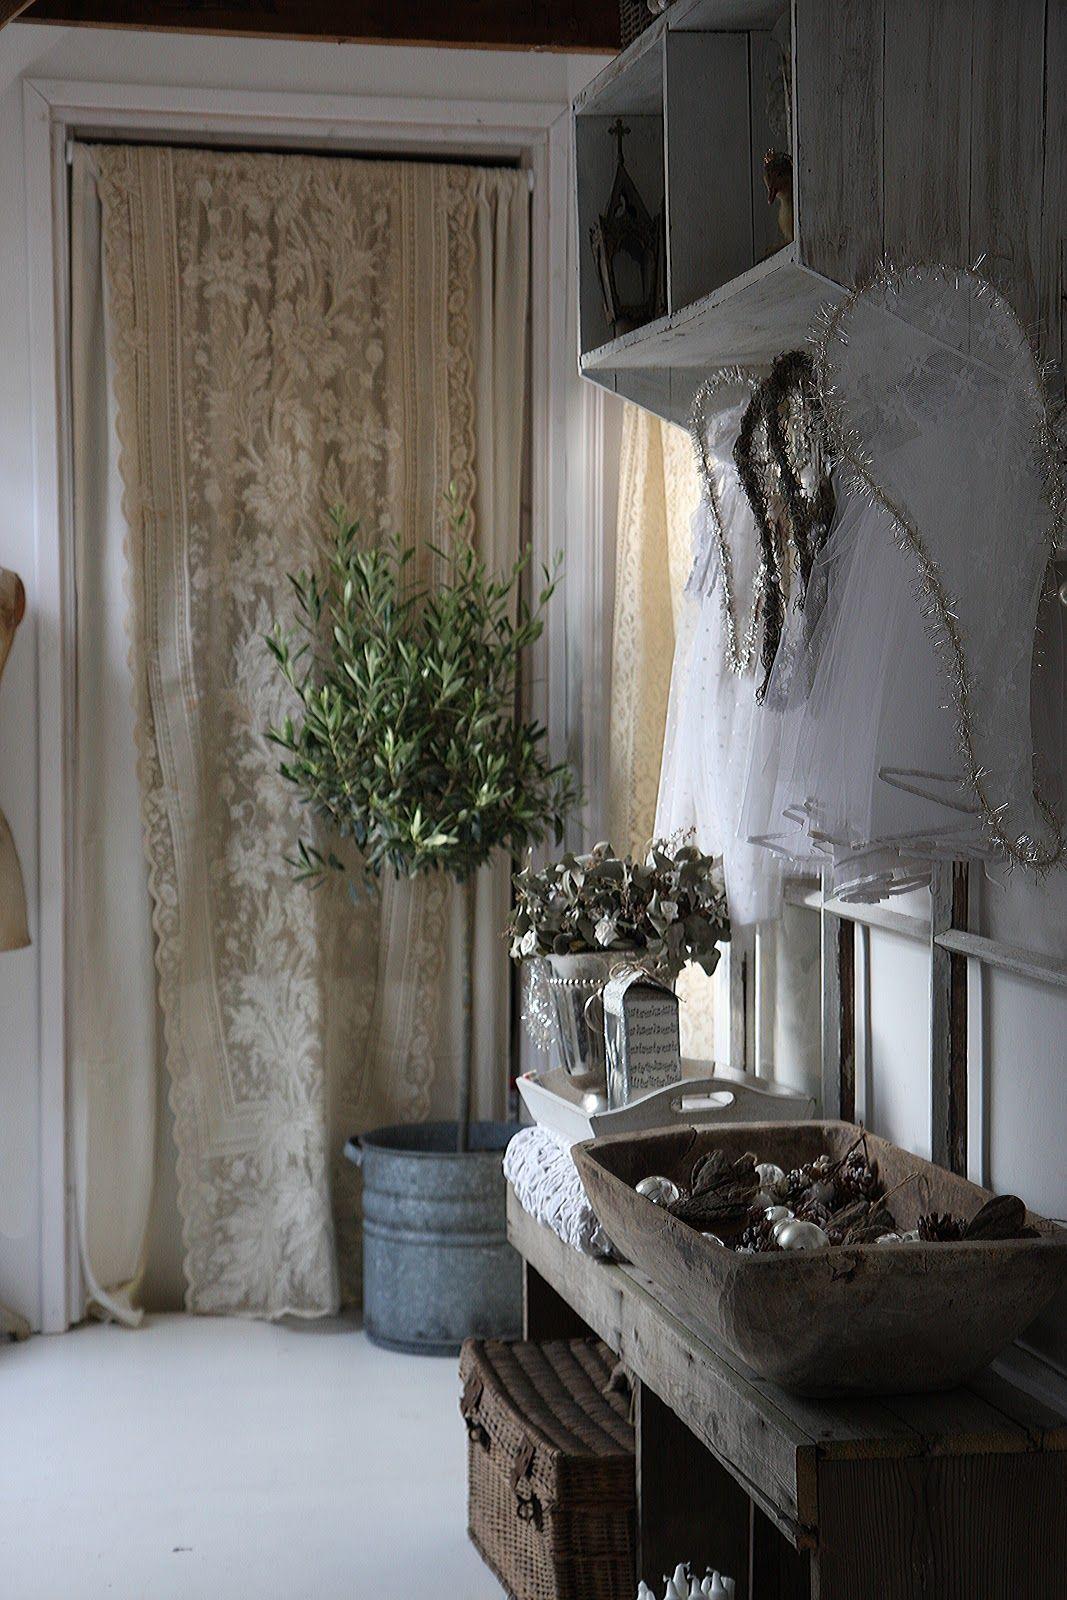 Pingl par maria luisa colonnelli sur tende en 2019 for Armadio stile nordico